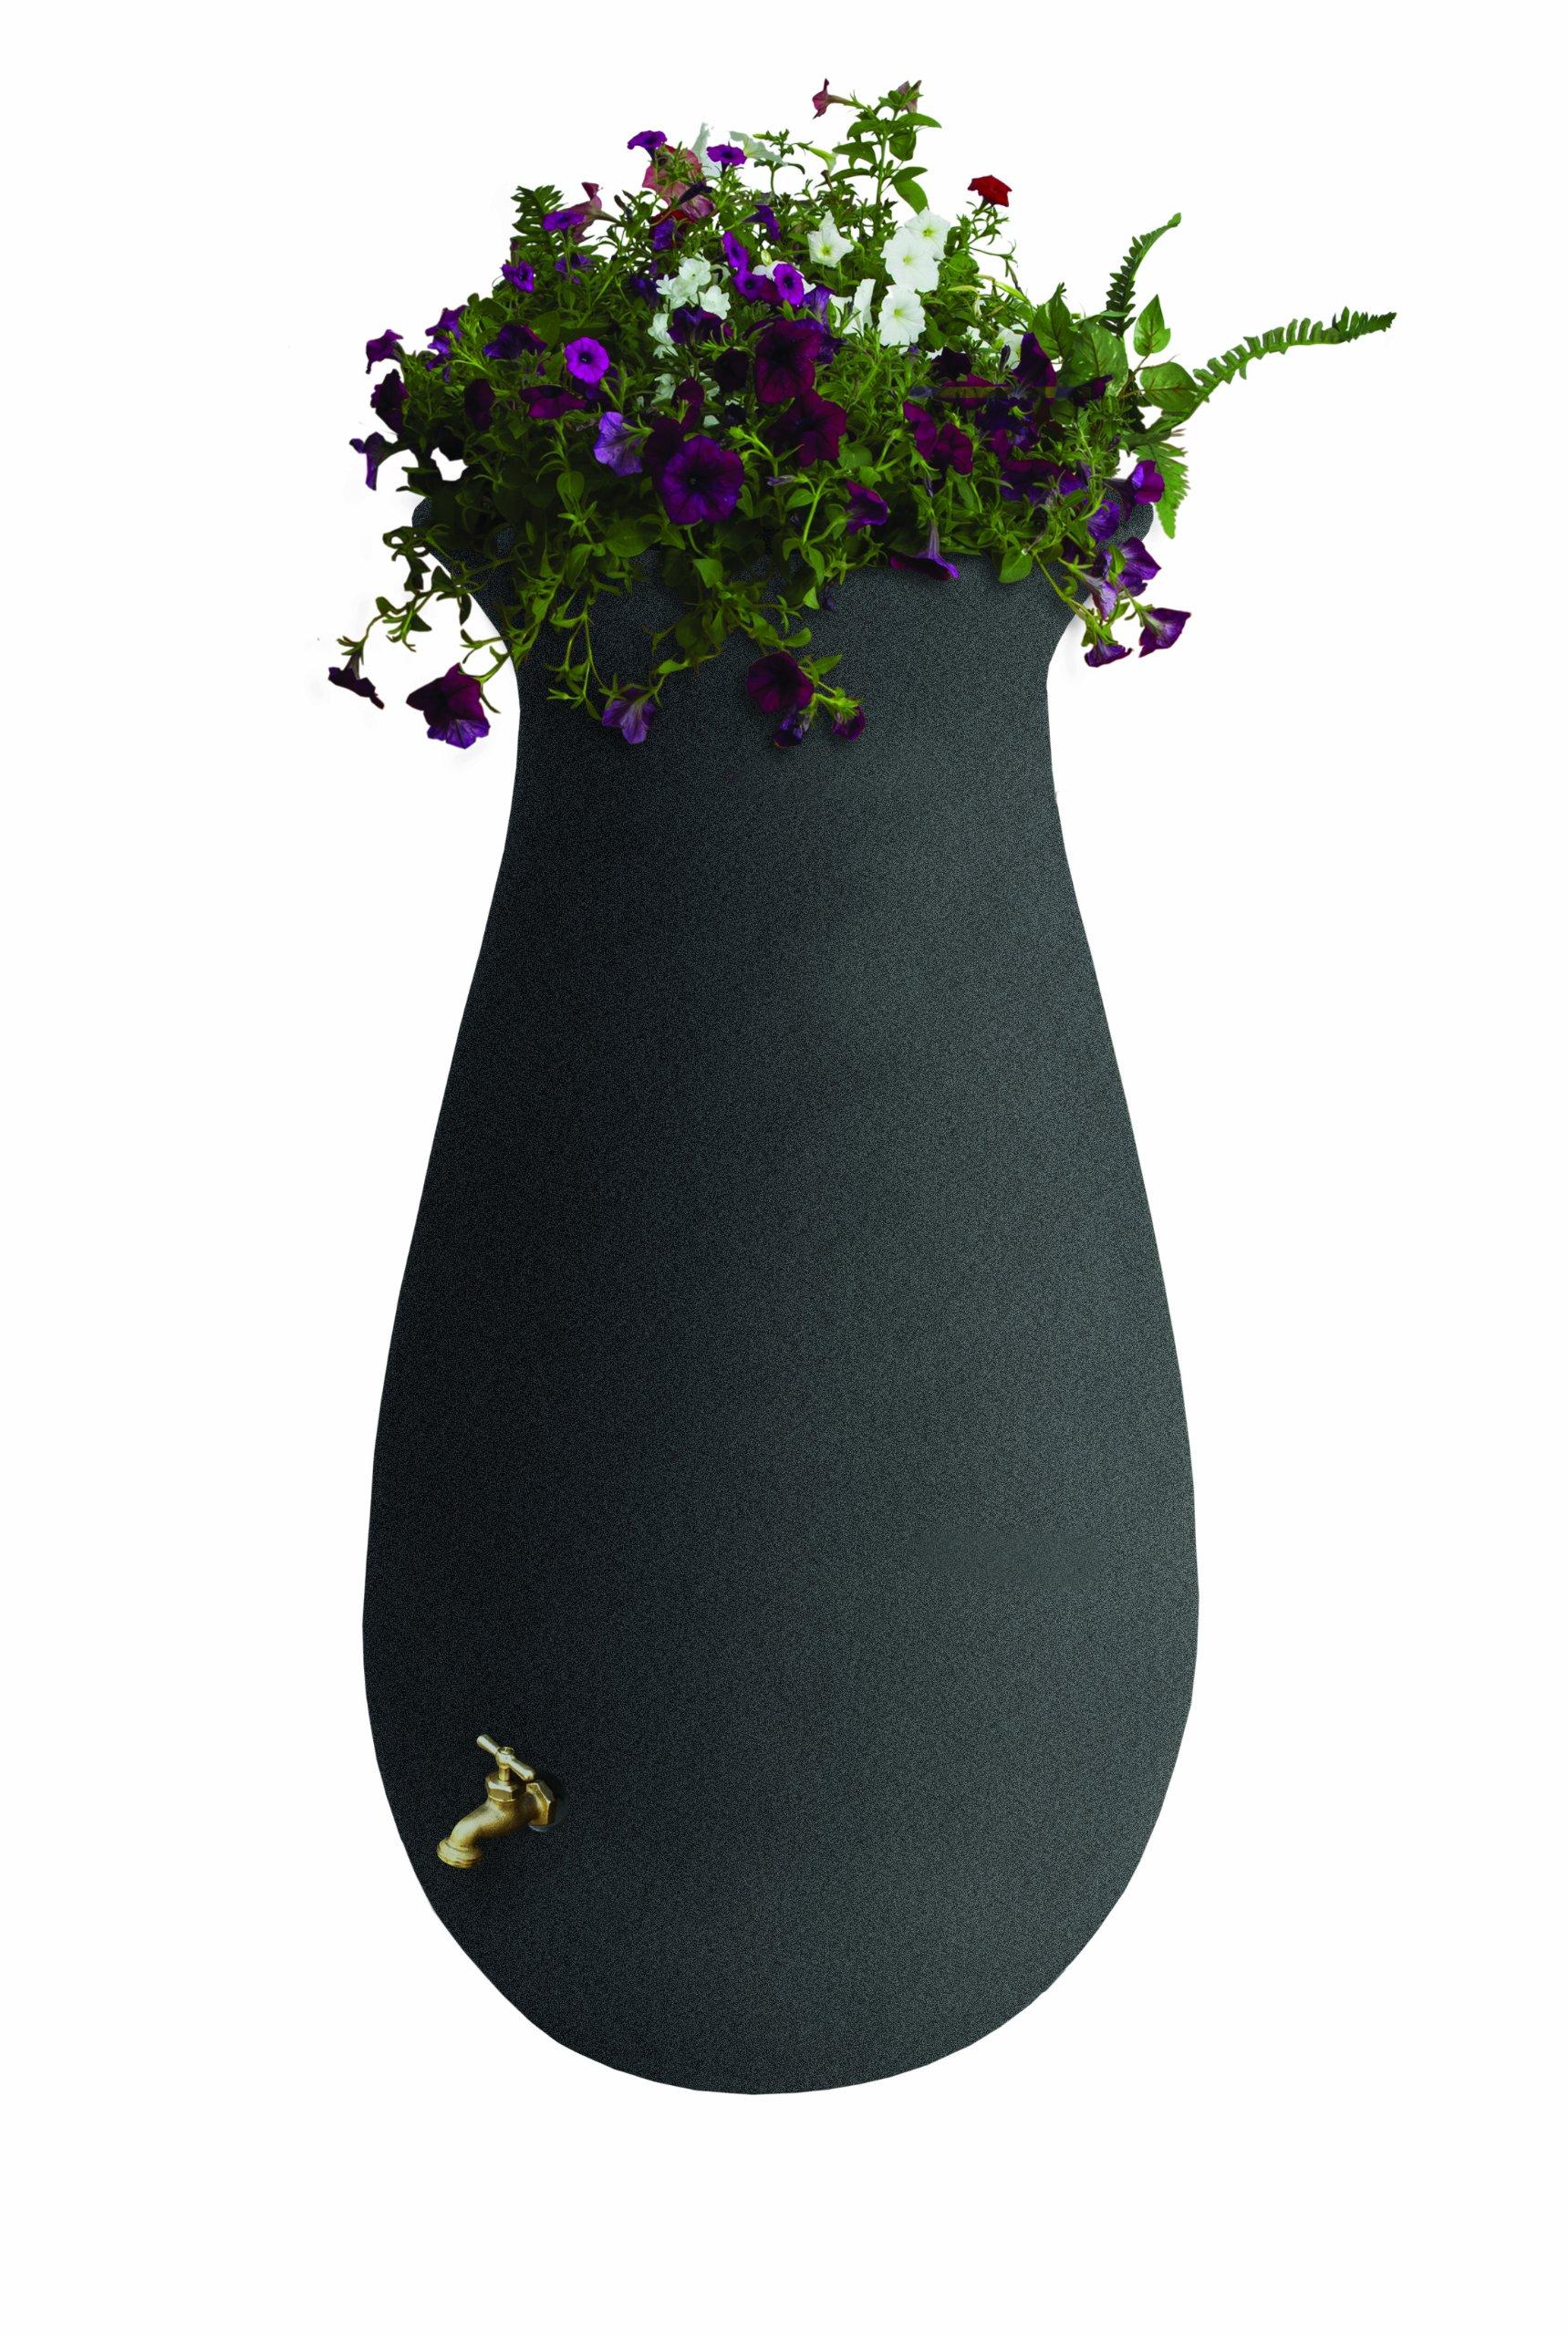 Algreen Products EcoCascata Rain Barrel 65-Gallon, Charcoalstone